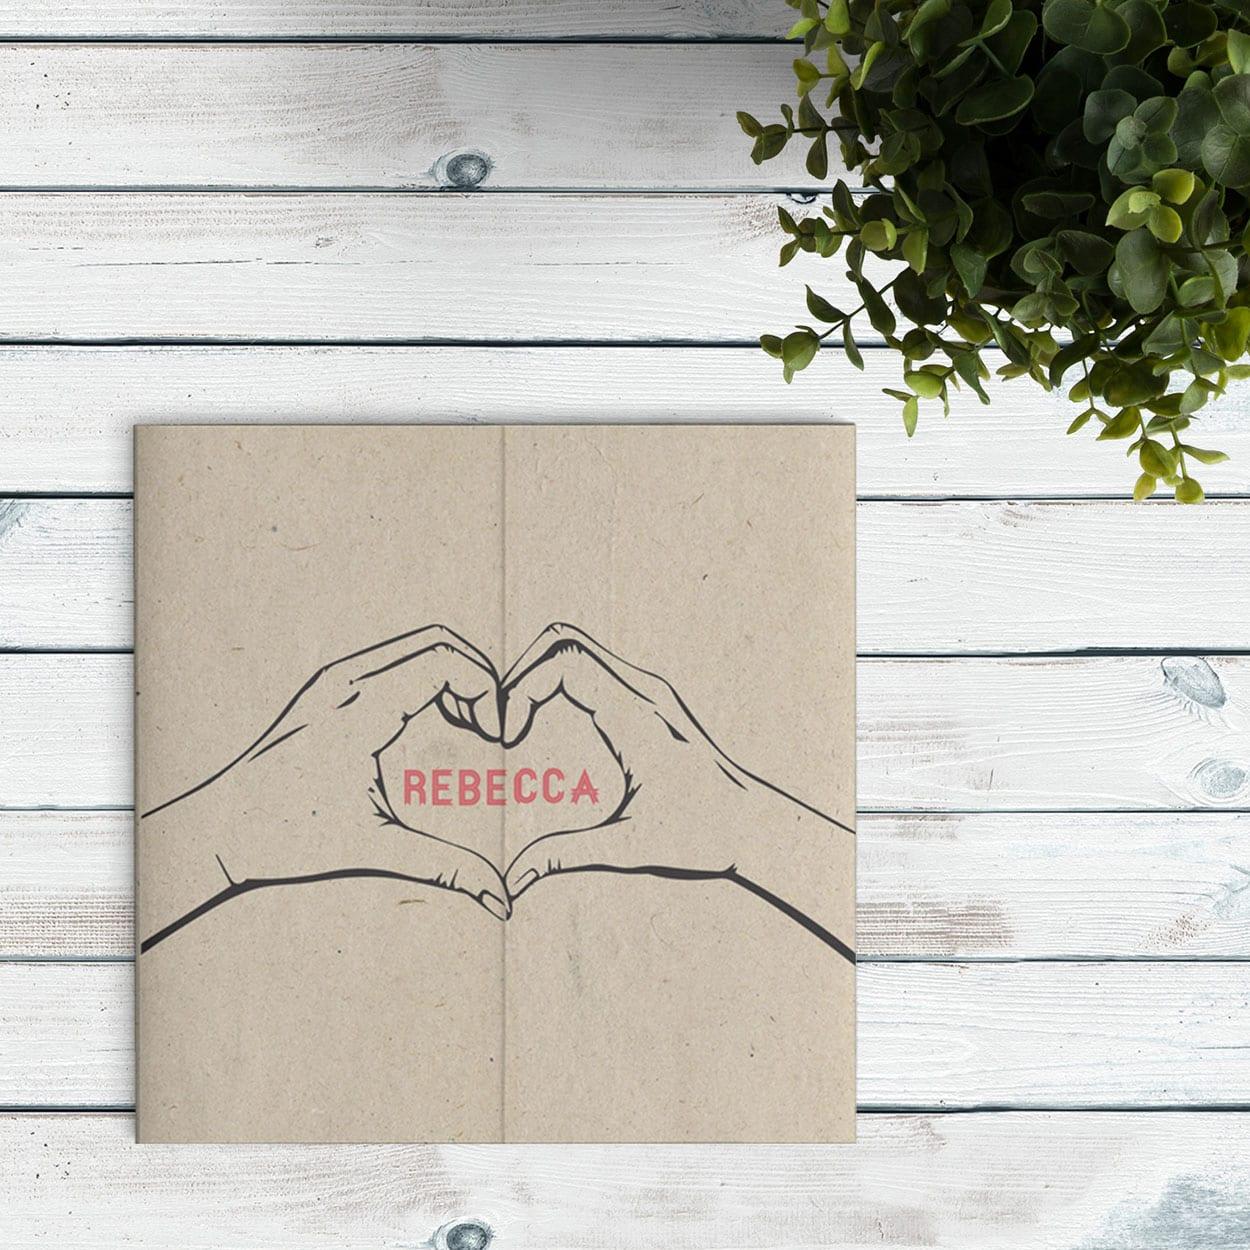 Geboortekaartje Hart van Handen is een drieluikskaart waarbij de twee zijden bij elkaar komen en er een hart vormt. De achtergrond is vintage bruin.